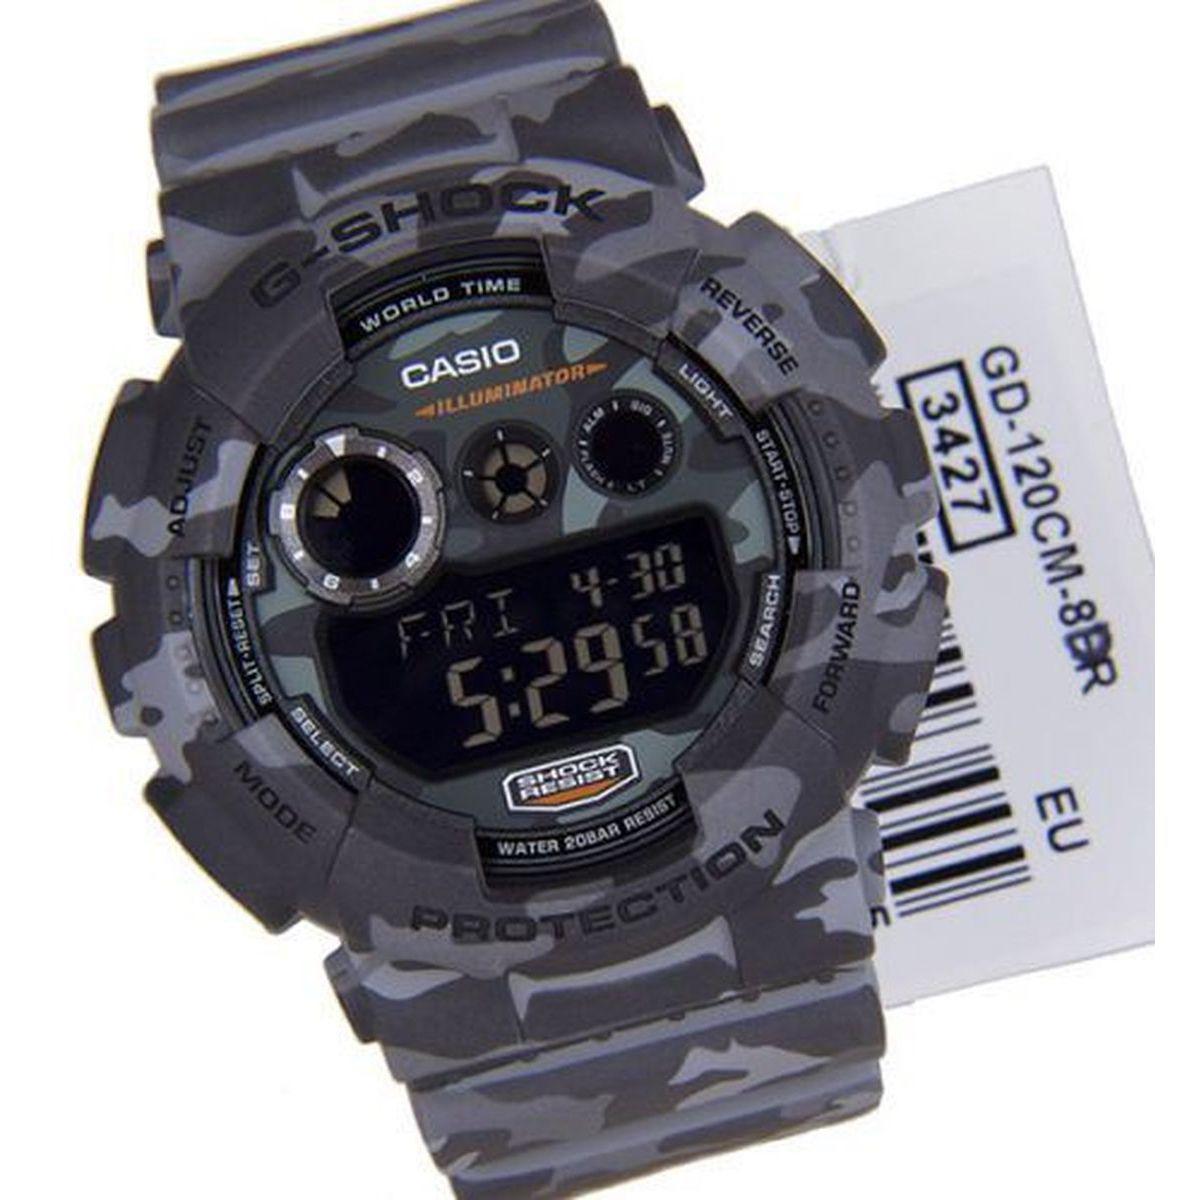 64e3d91ec4e Relogio Masculino Casio G-shock Anadigi Gd-120cm-8dr - Camuflado R  649